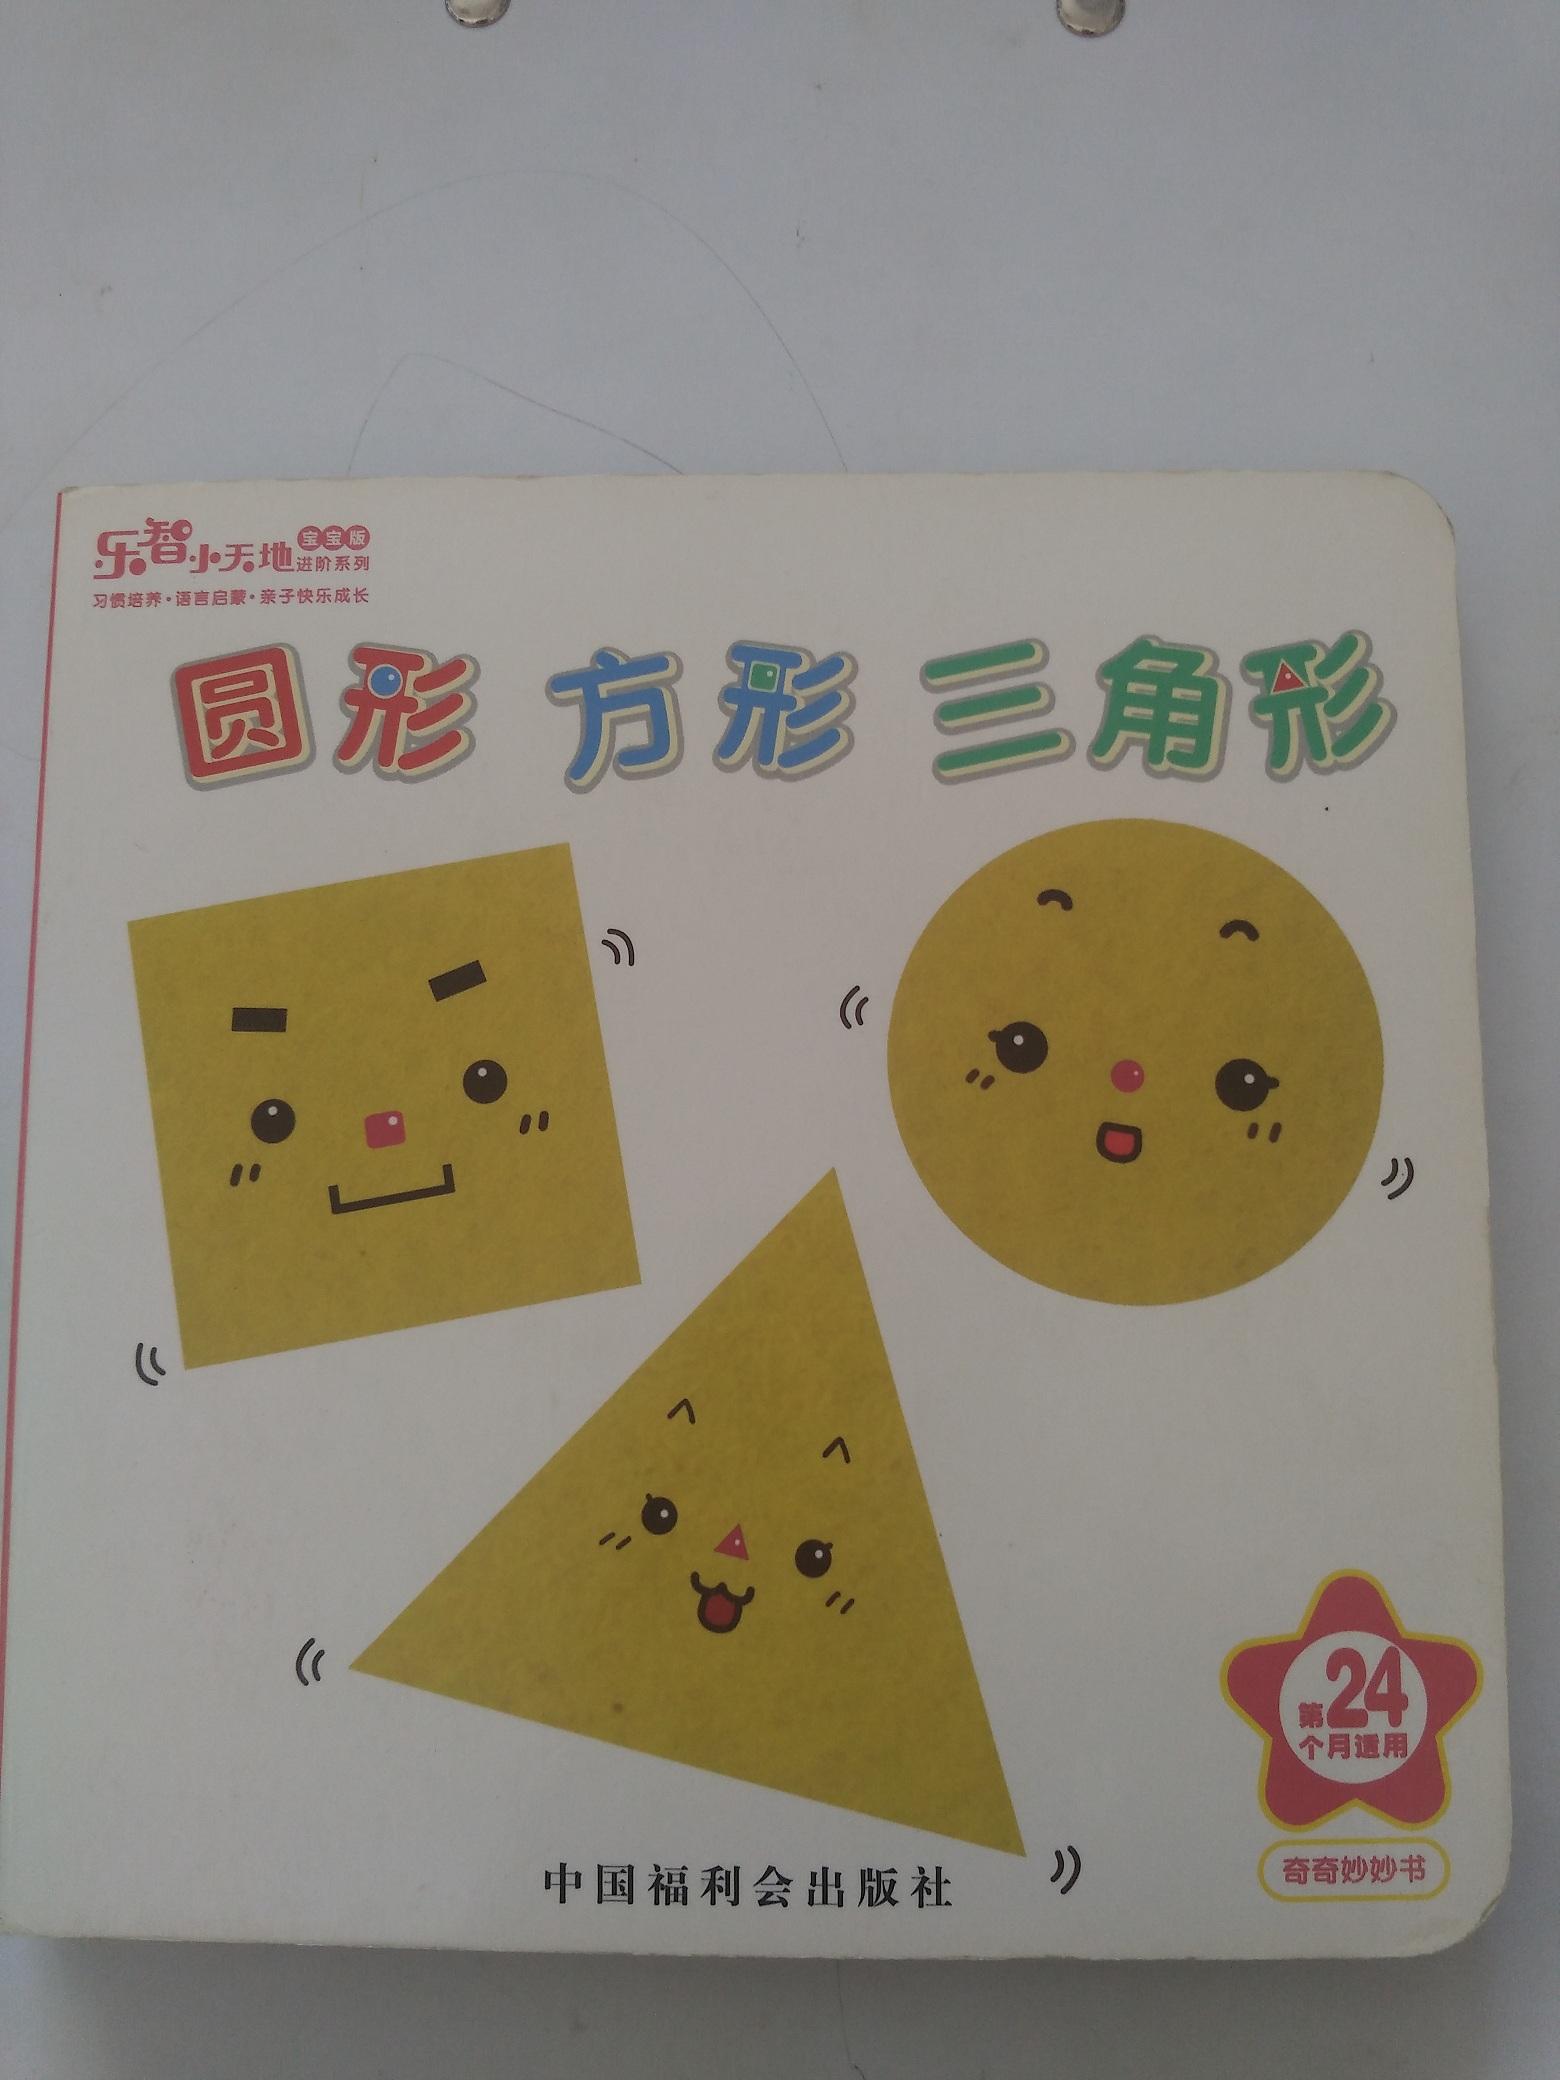 圆形,方形,三角形—2